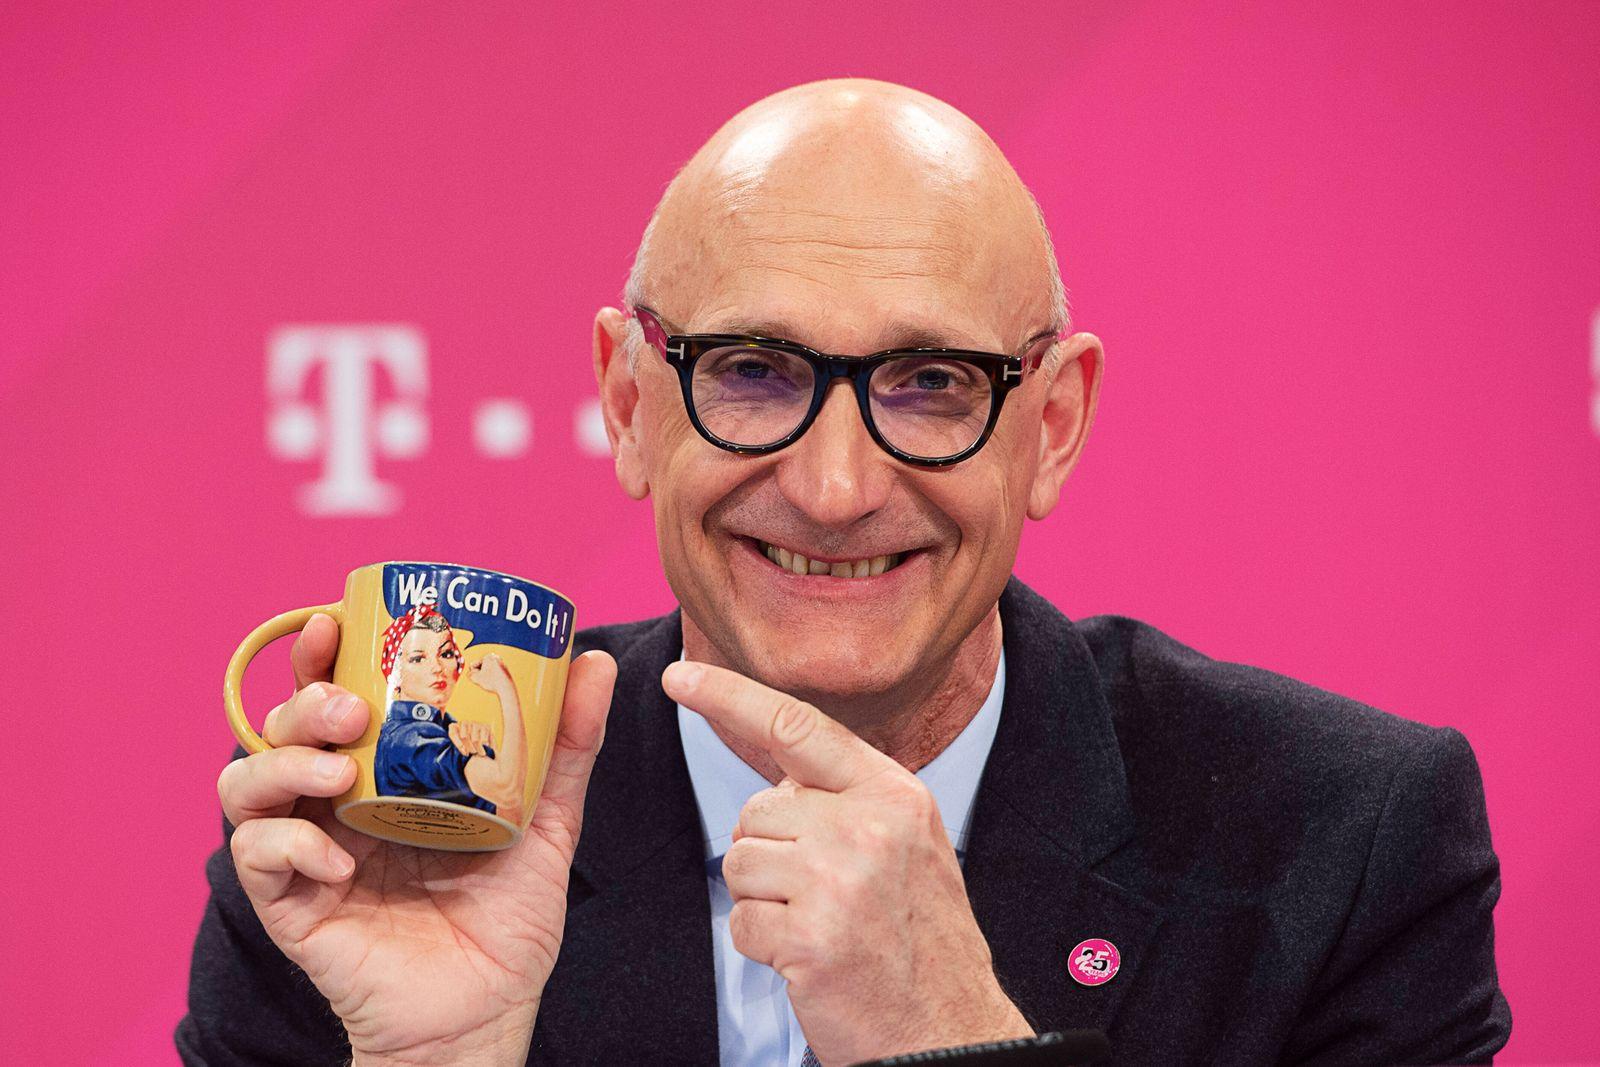 Timotheus HOETTGES, Hˆttges, Vorstandsvorsitzender, CEO, Bilanzpressekonferenz der Deutschen Telekom AG in Bonn, 19.02.2